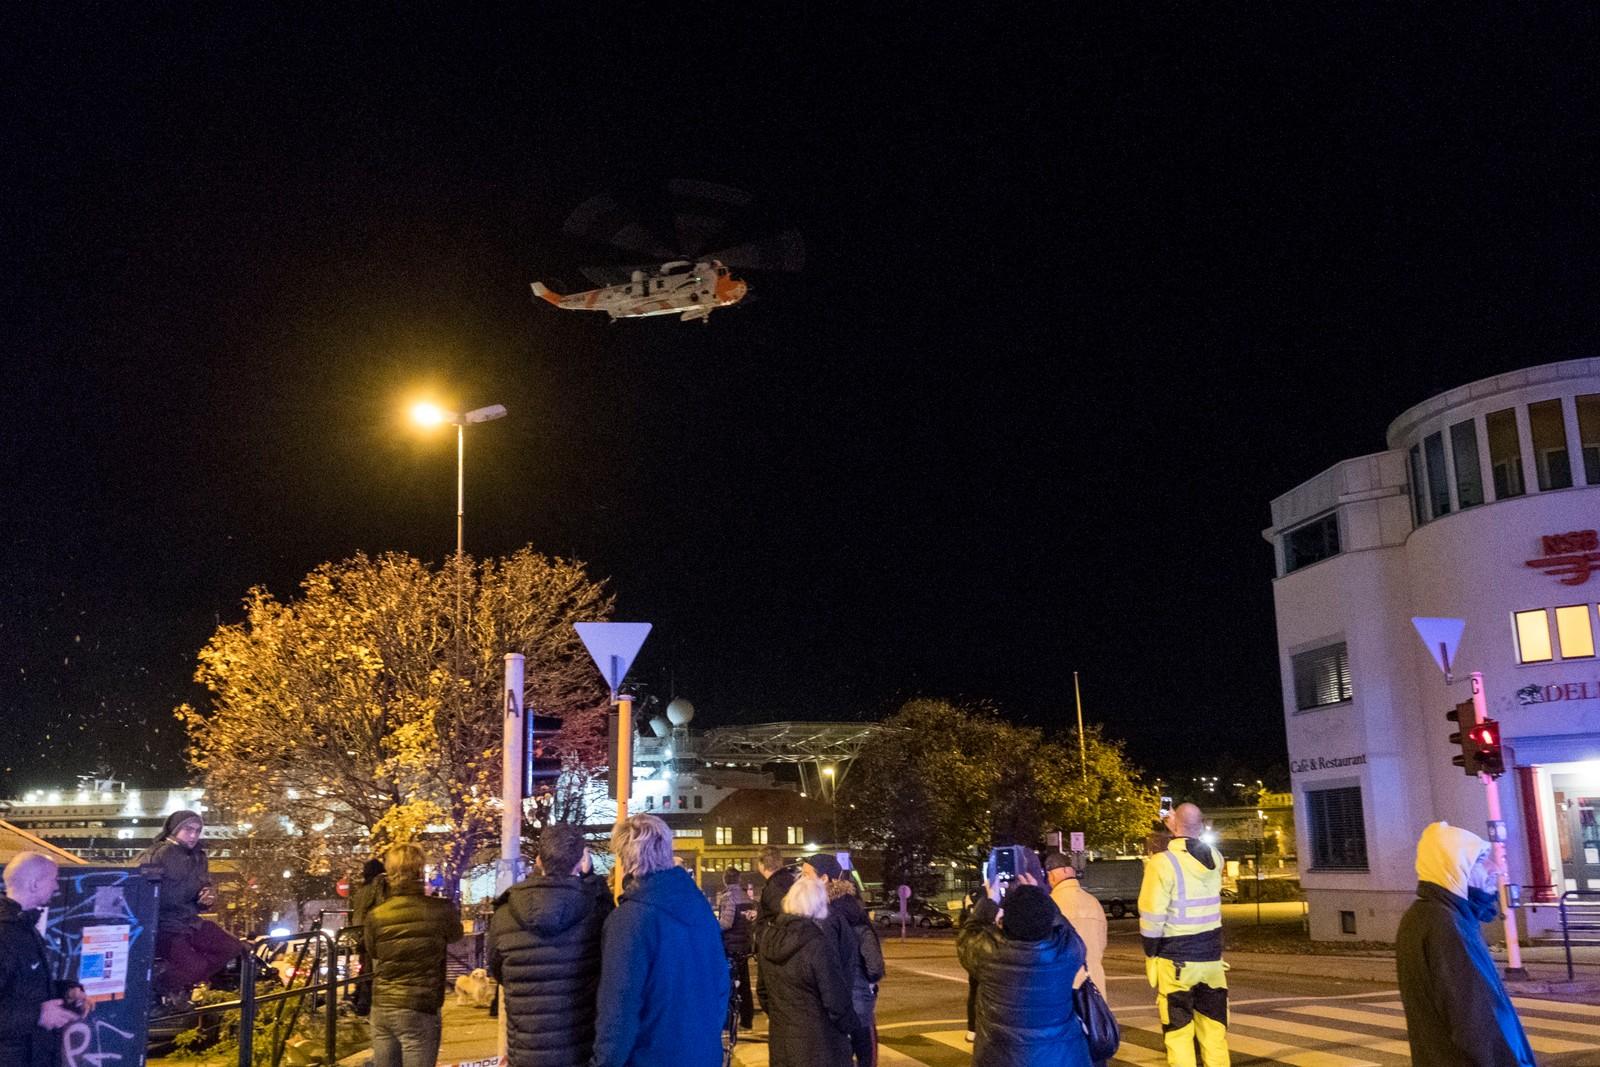 Et Sea King redningshelikopter ble kalt inn for å søke på takene i brannområdet og sjekke om noen hadde søkt tilflukt der.